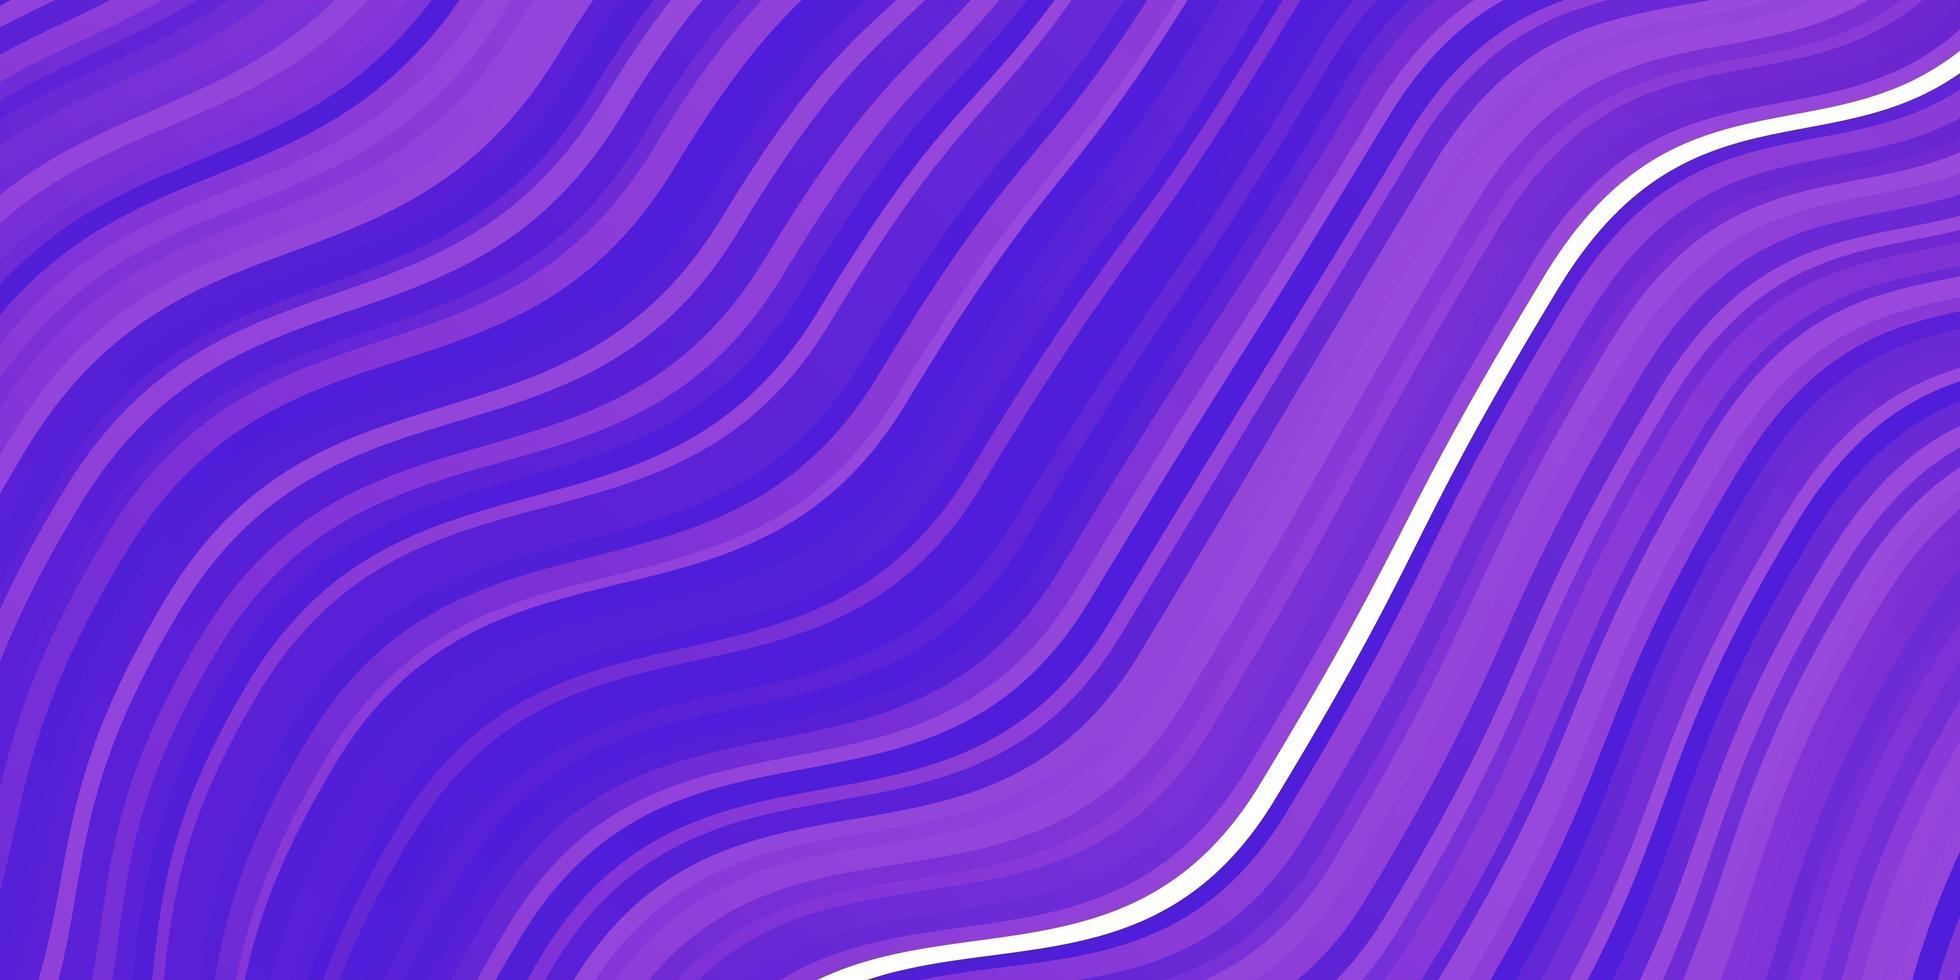 fond de vecteur violet clair avec des arcs.